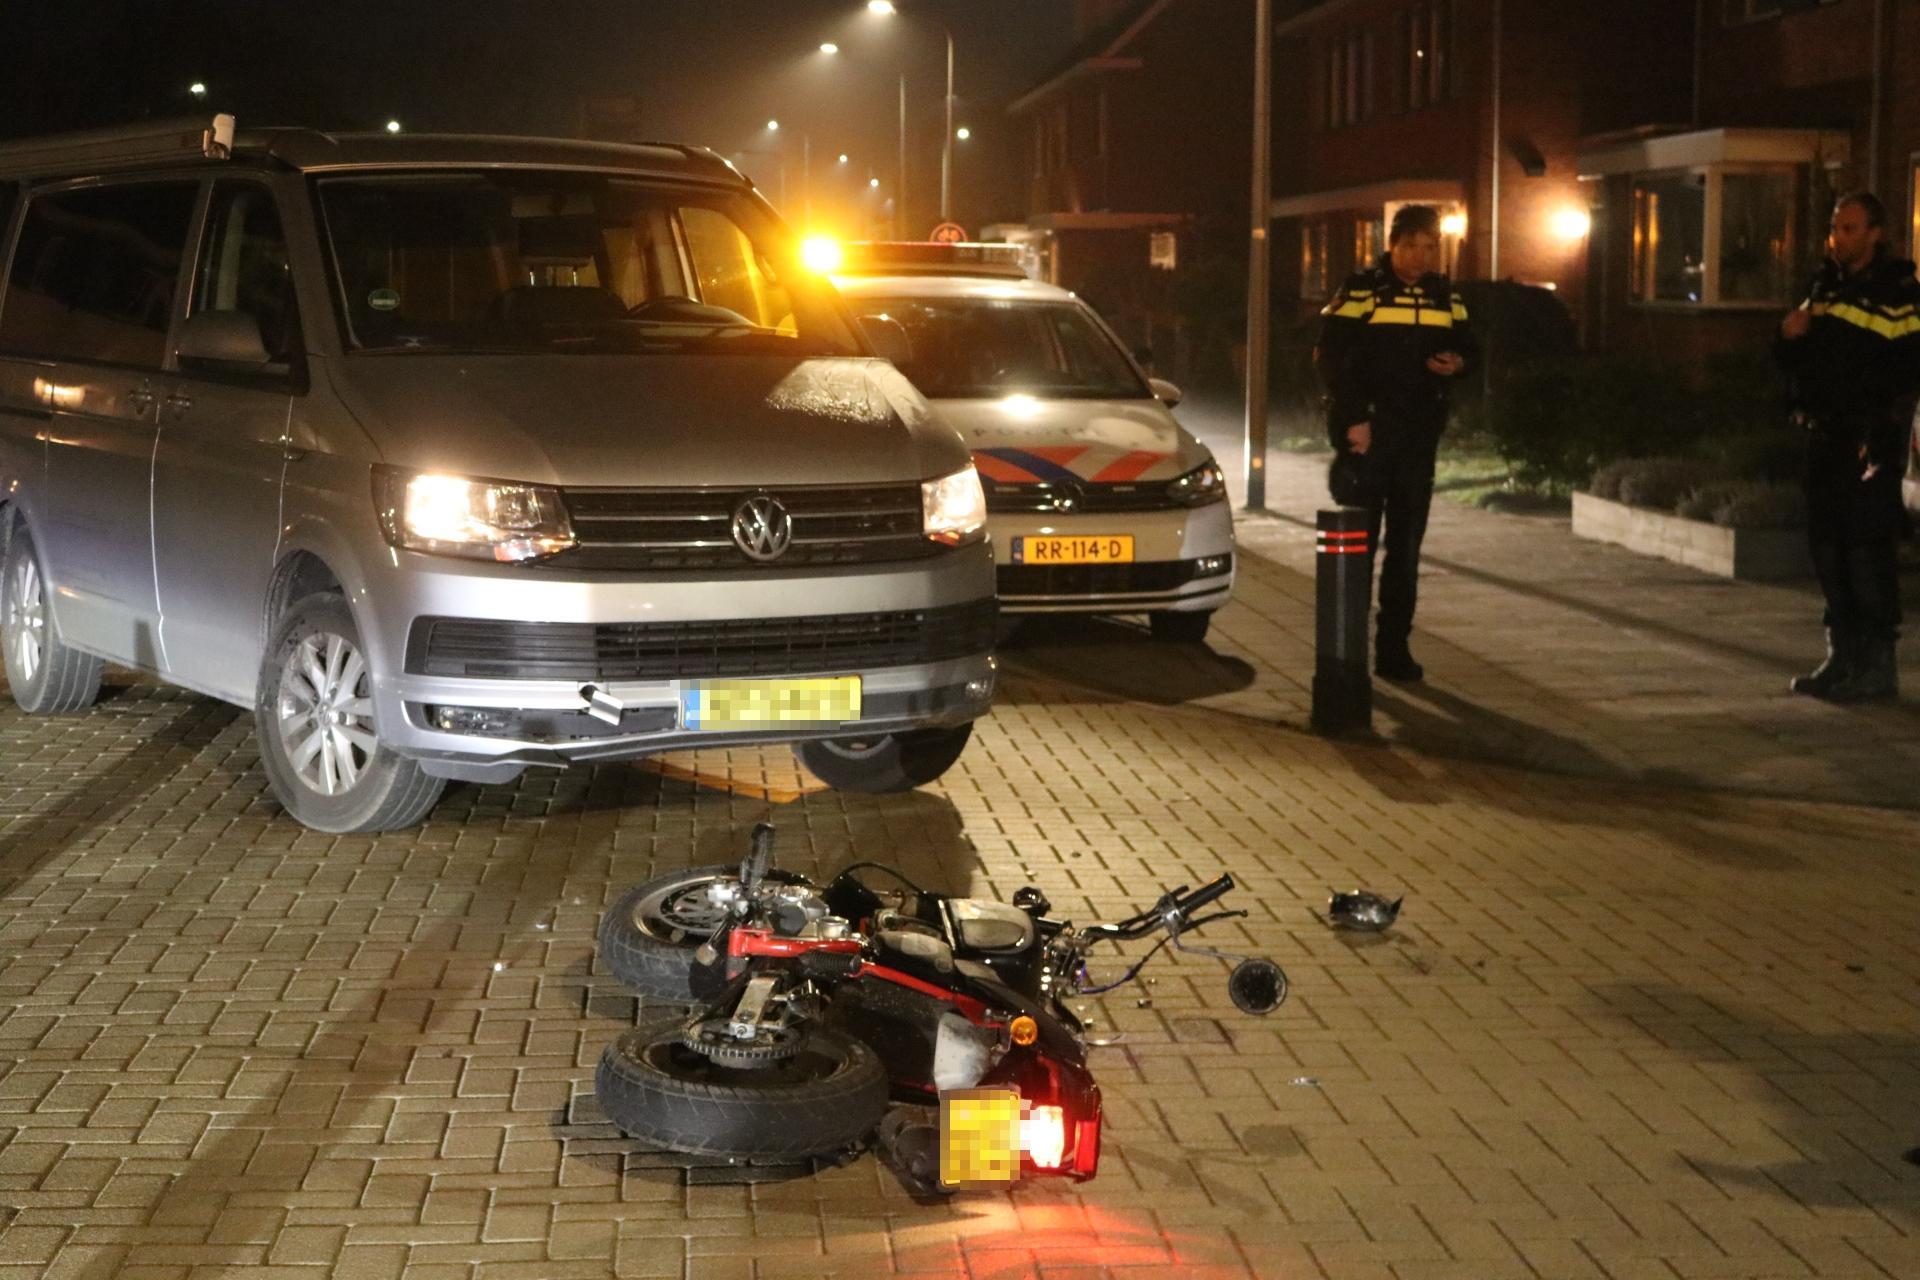 Brommerrijdster botst frontaal op bestelbus in Voorhout [update]